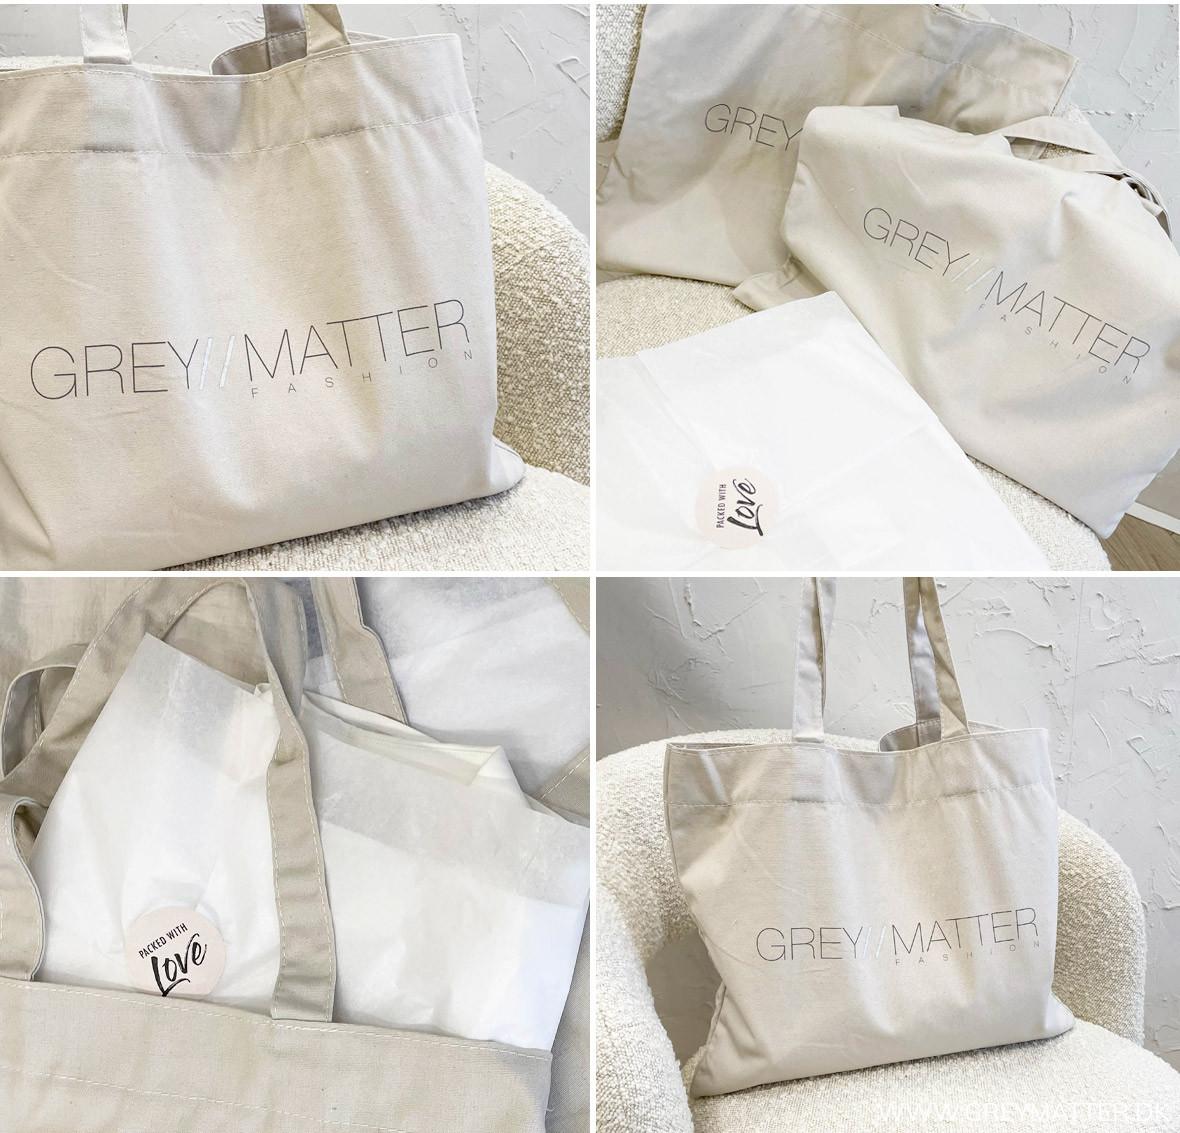 greymatter_fashion_konkurrencer.jpg